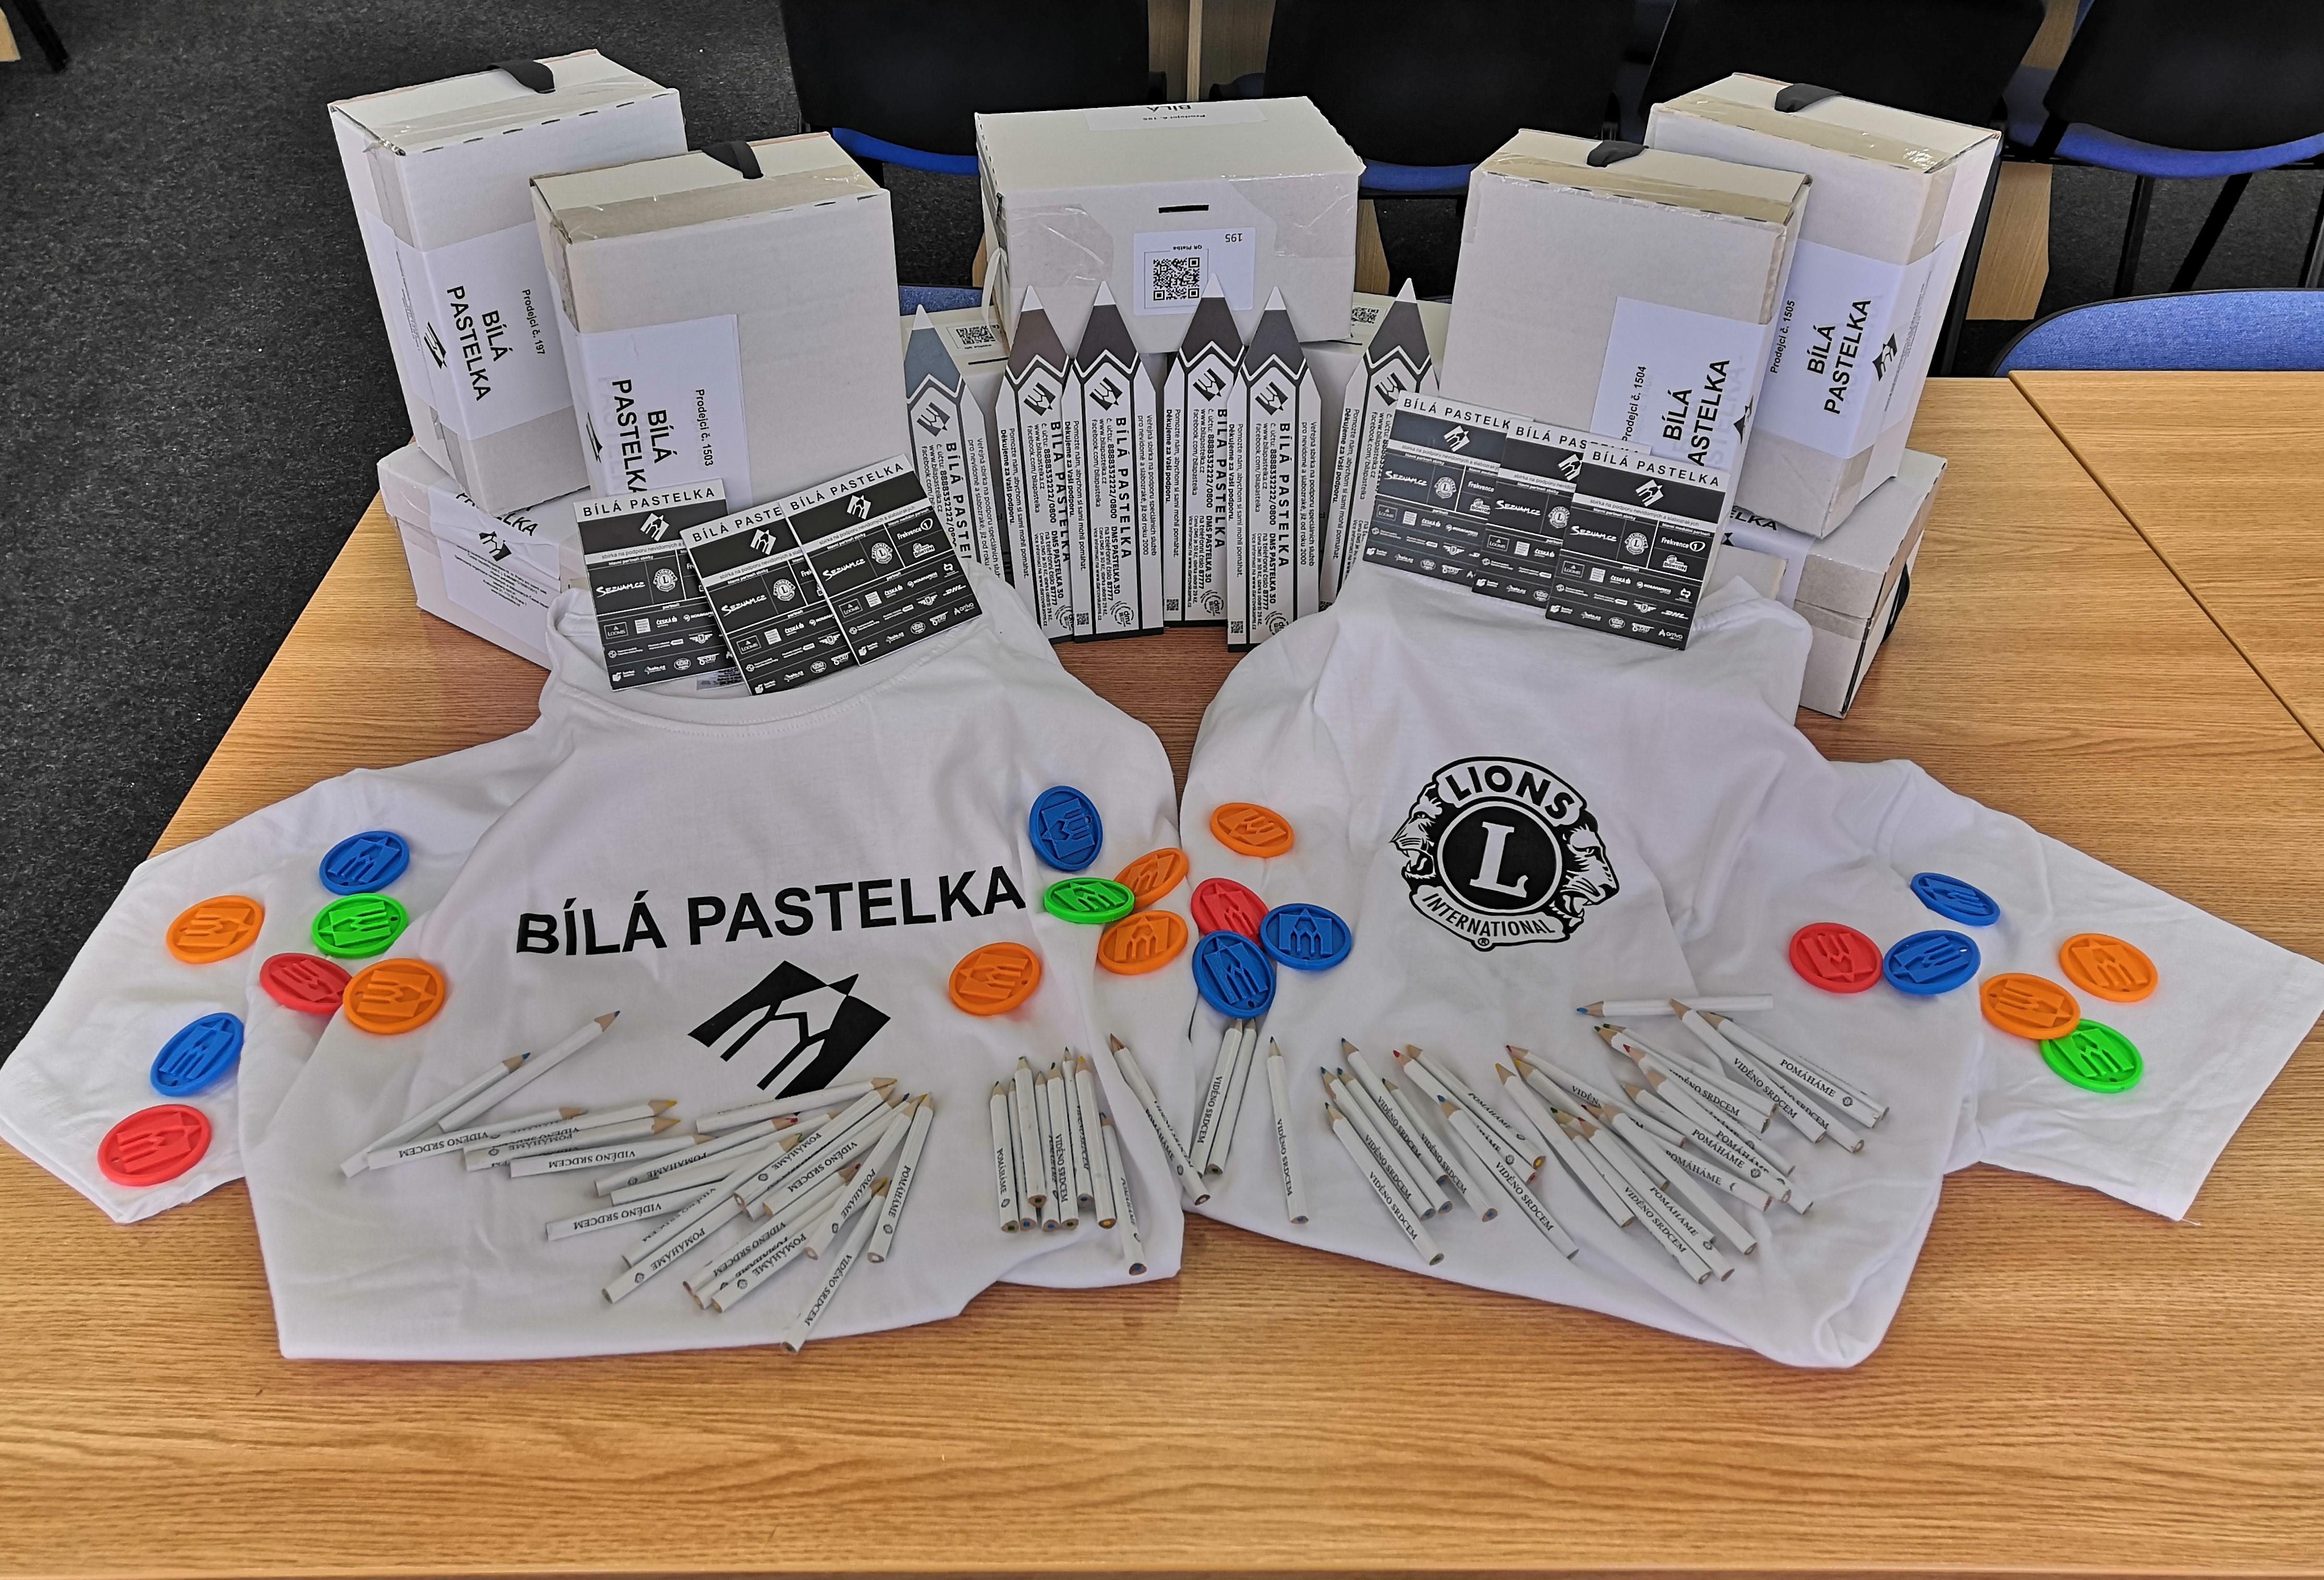 Materiály k BP - kasičky, tričky, pastelky, záložky, přívěsky, bločky